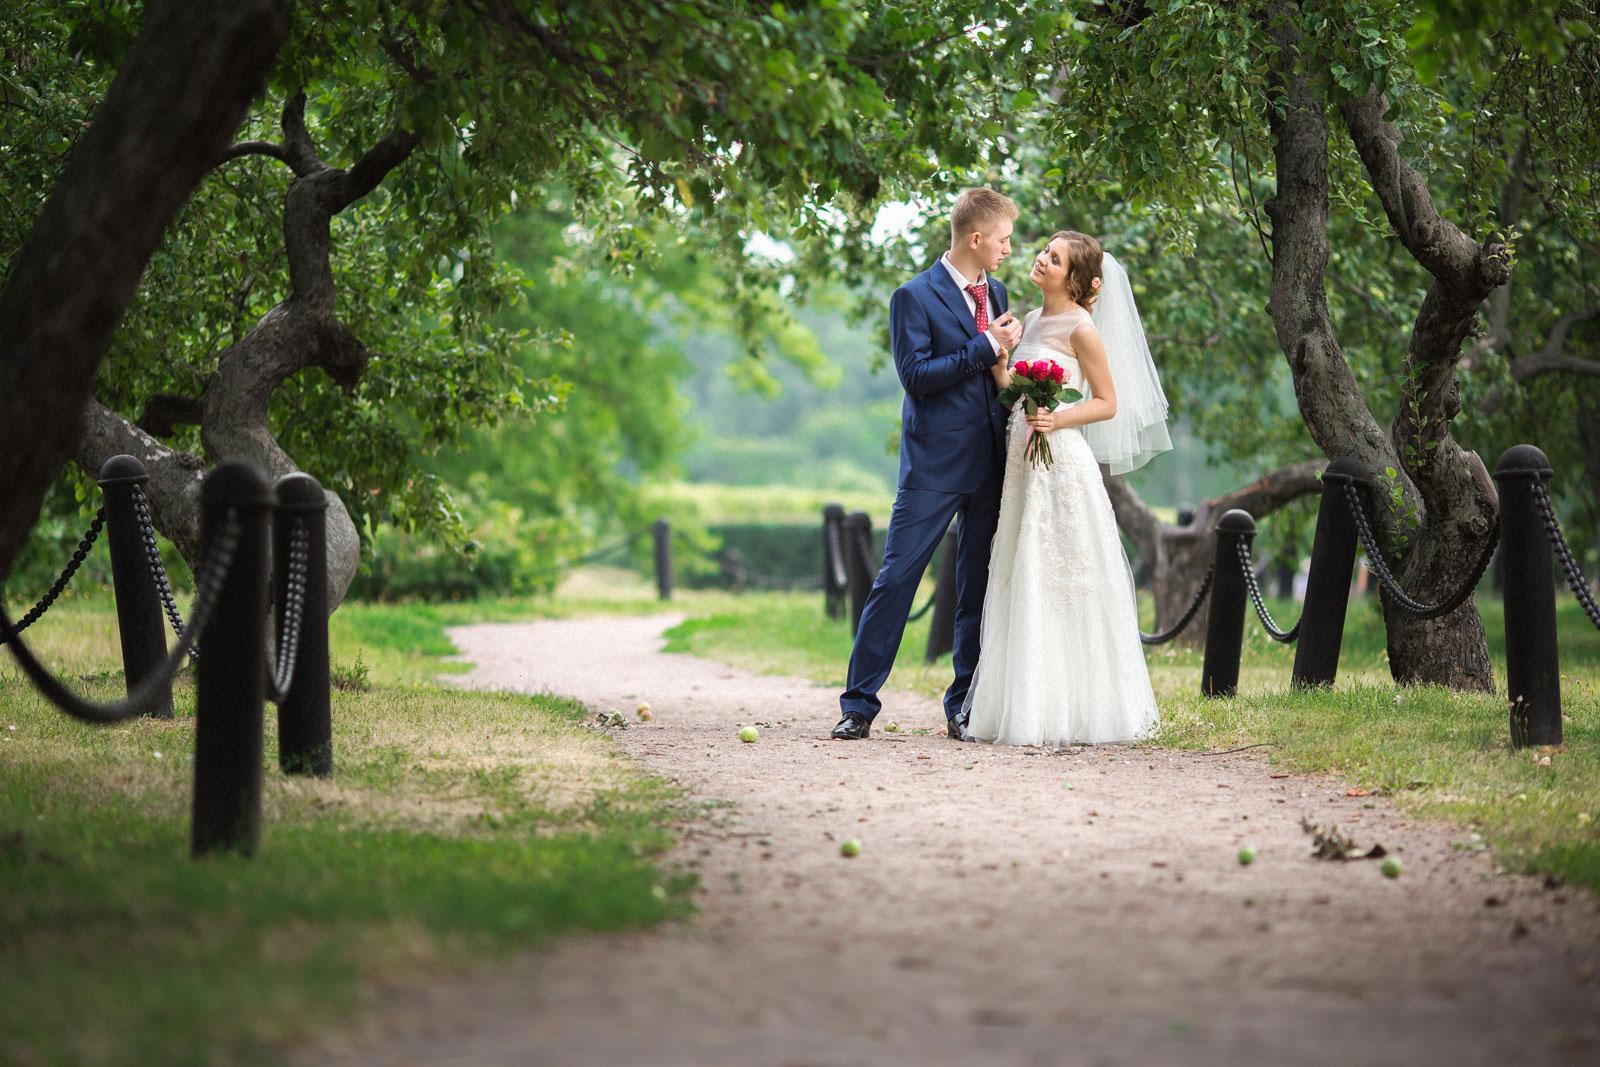 фотографии в коломенском на свадьбу грешница тоже